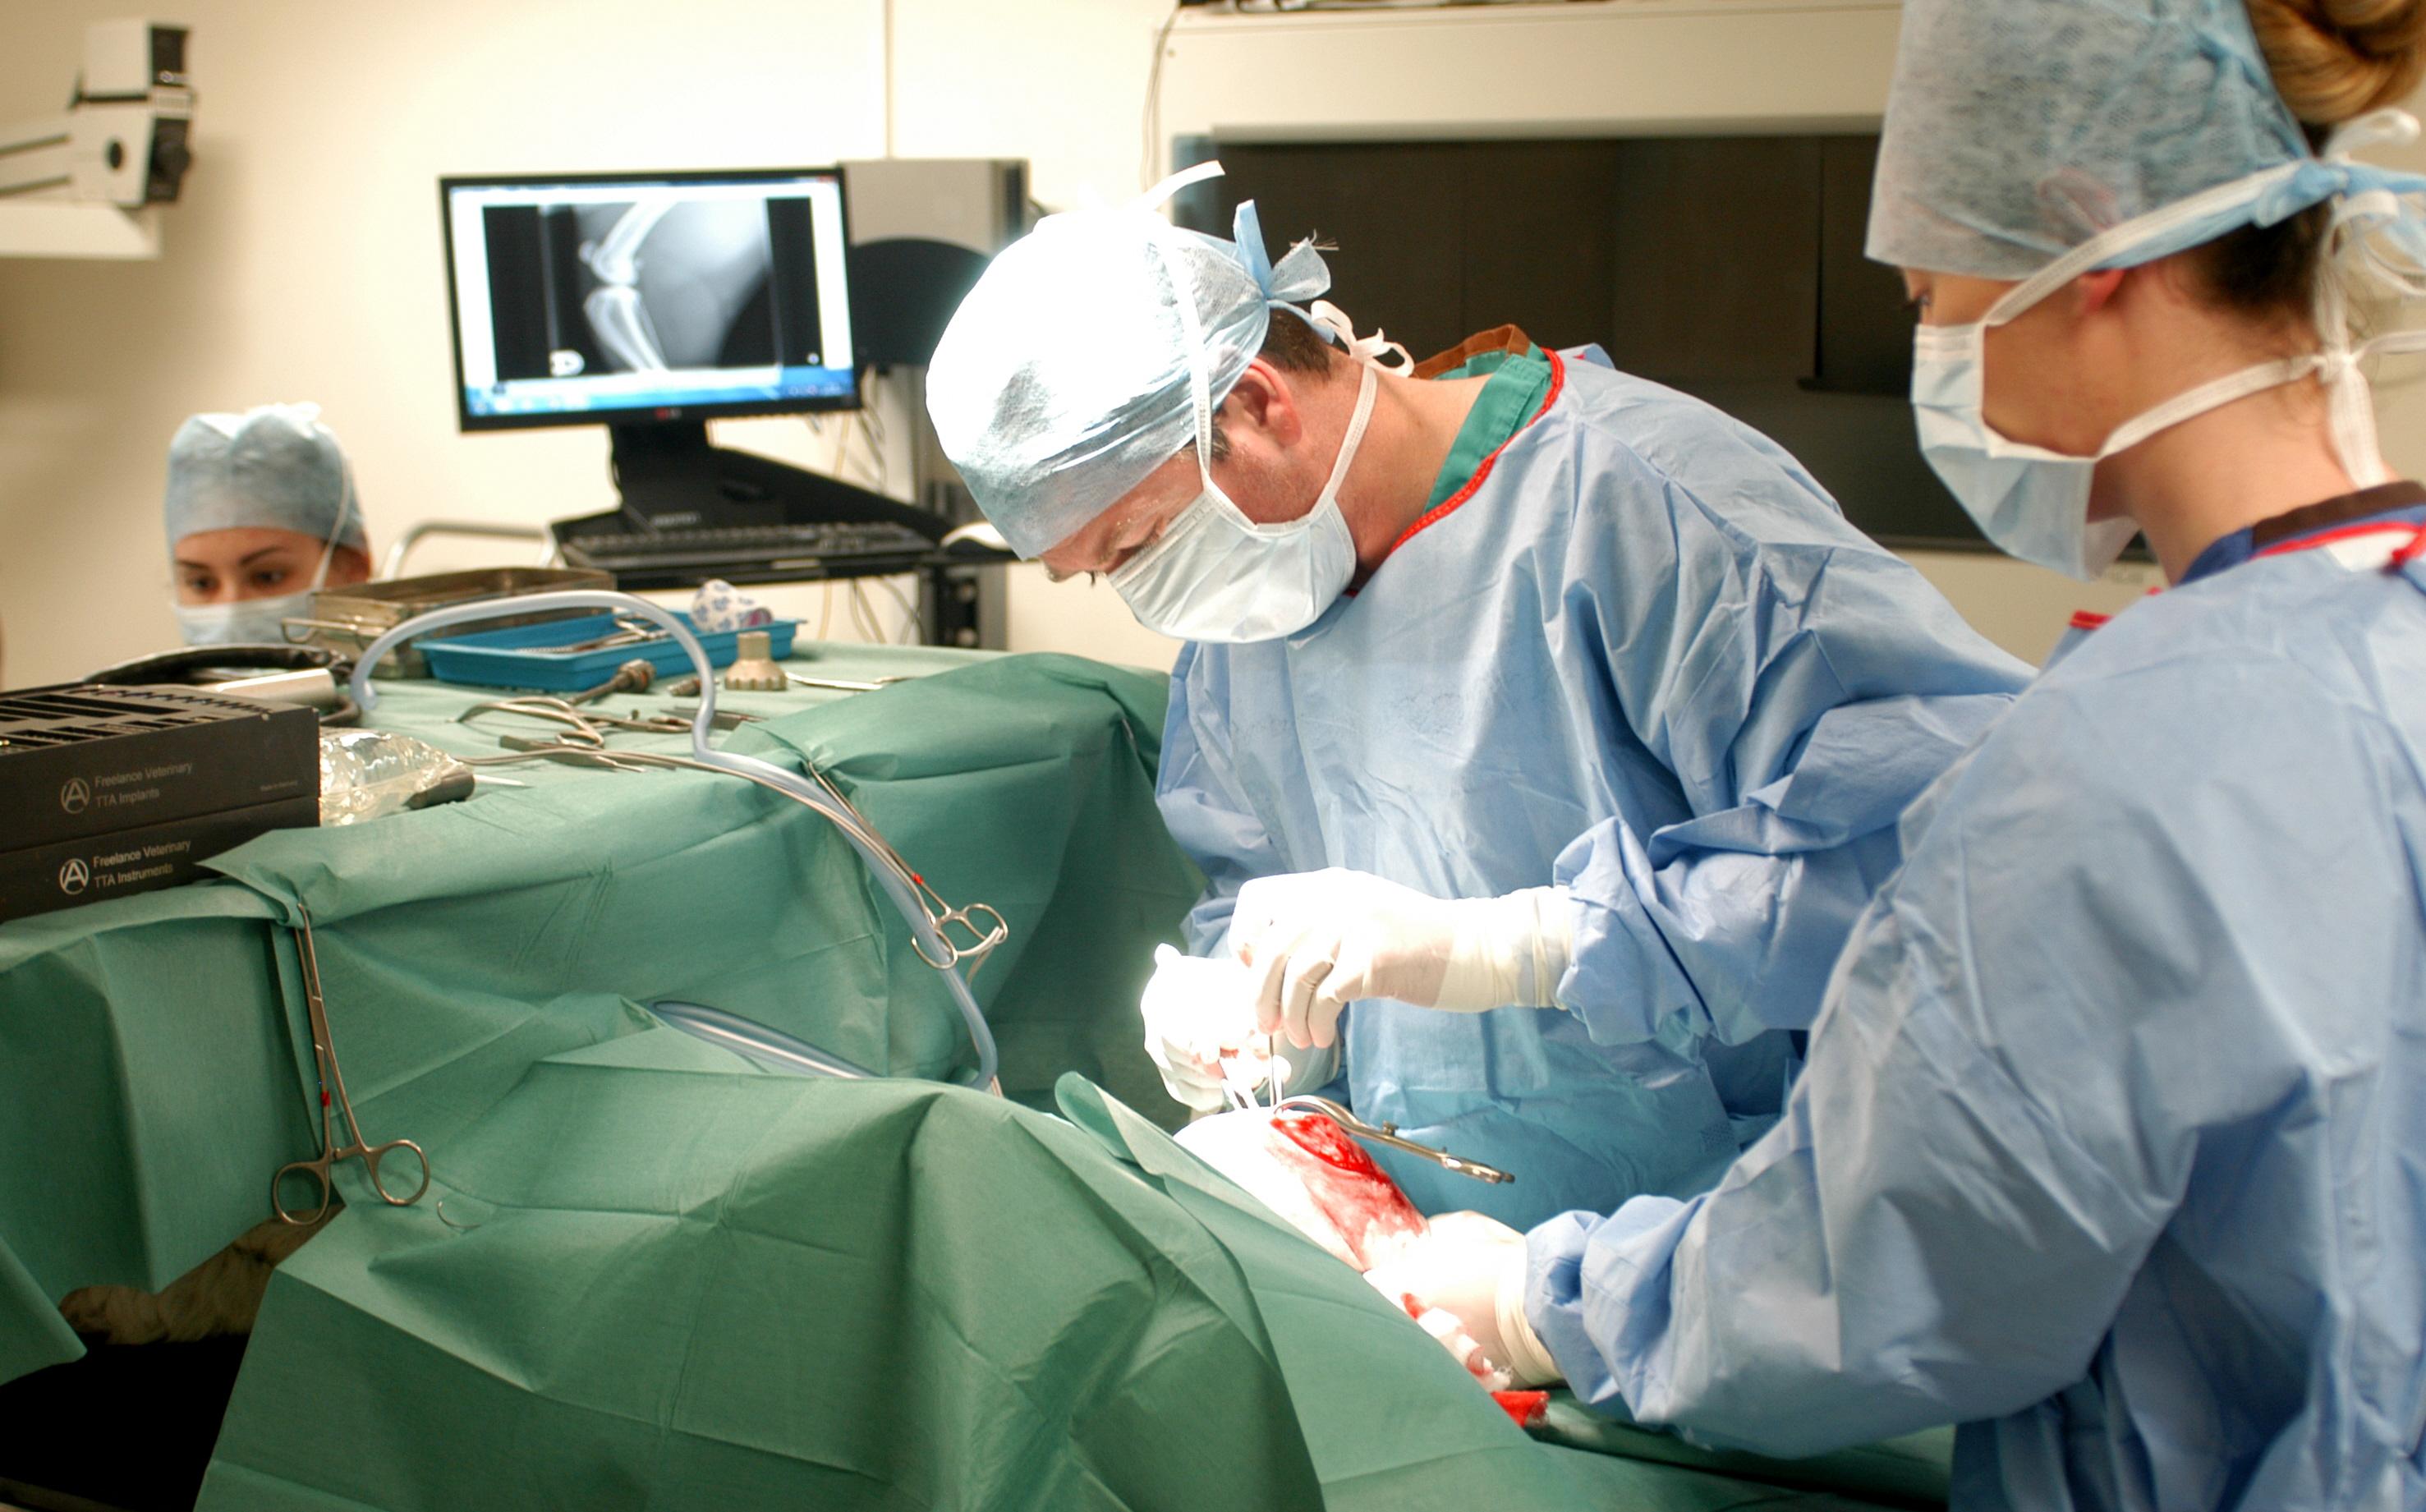 cruciate ligament TTA surgery in dog